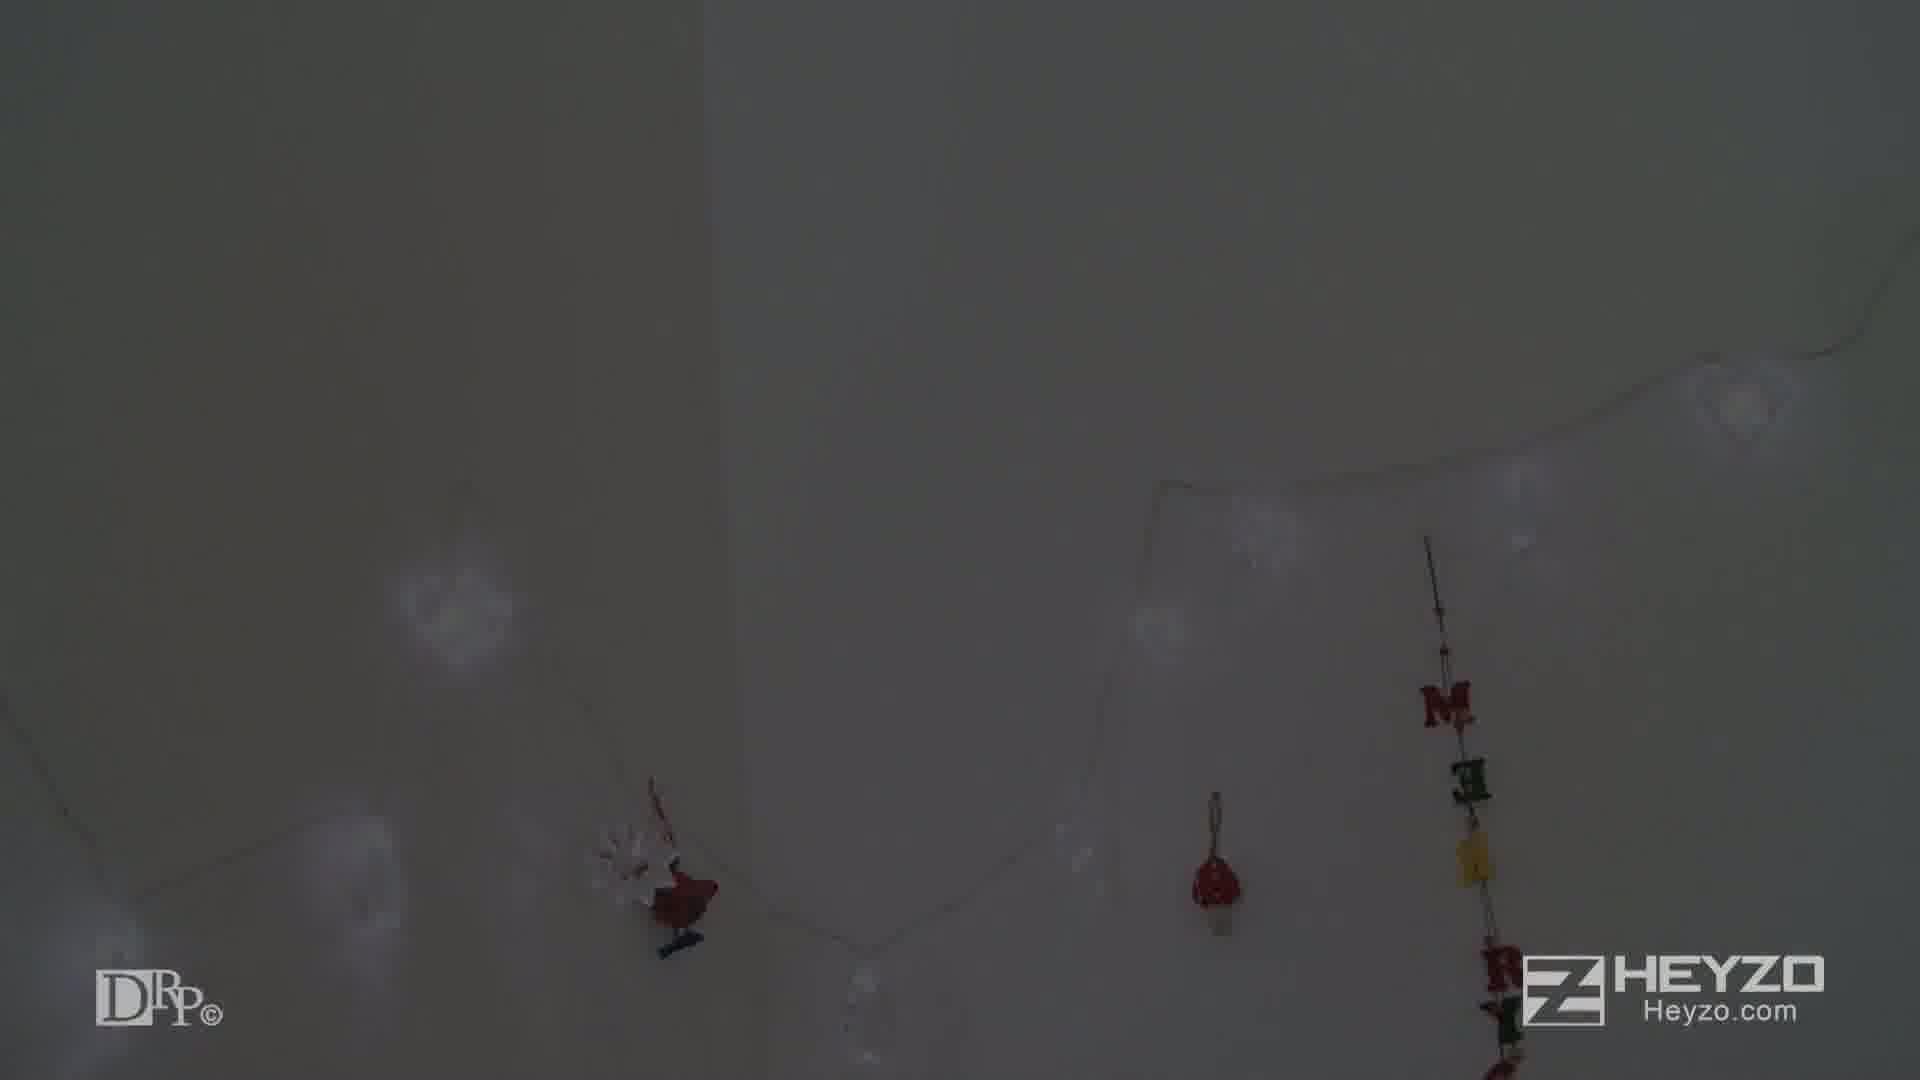 エロサンタがハメにヤッてくる~プレゼントは卑猥なおもちゃ!?~ - 瑞乃れもん【オナニー おもちゃ サンタ進入 夜這い】